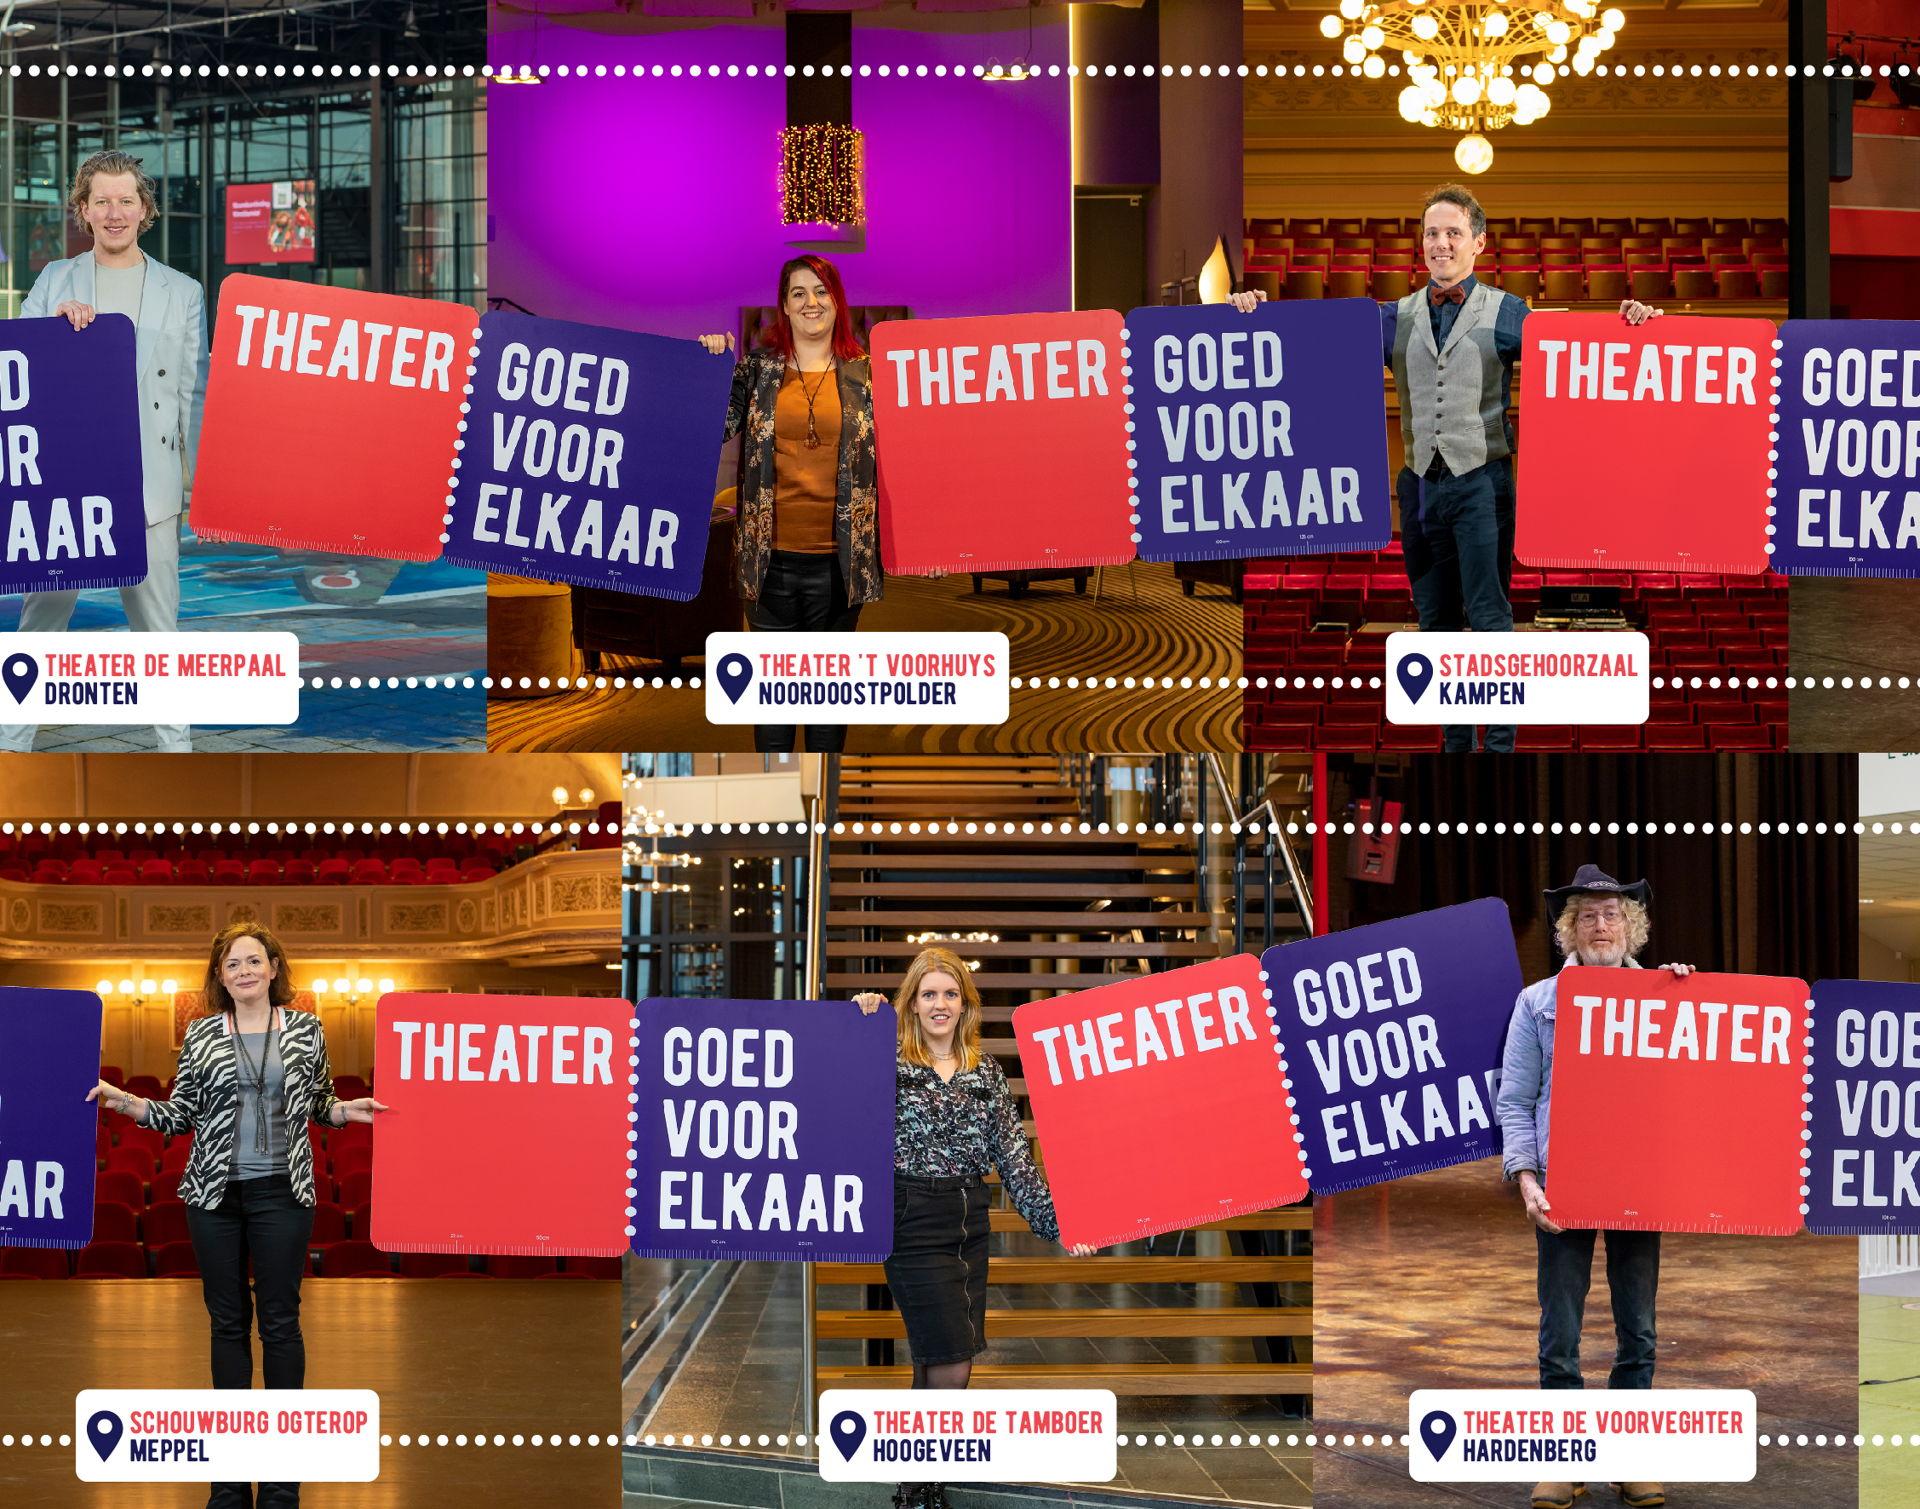 Cultuurregio Zwolle - Theater goed voor elkaar